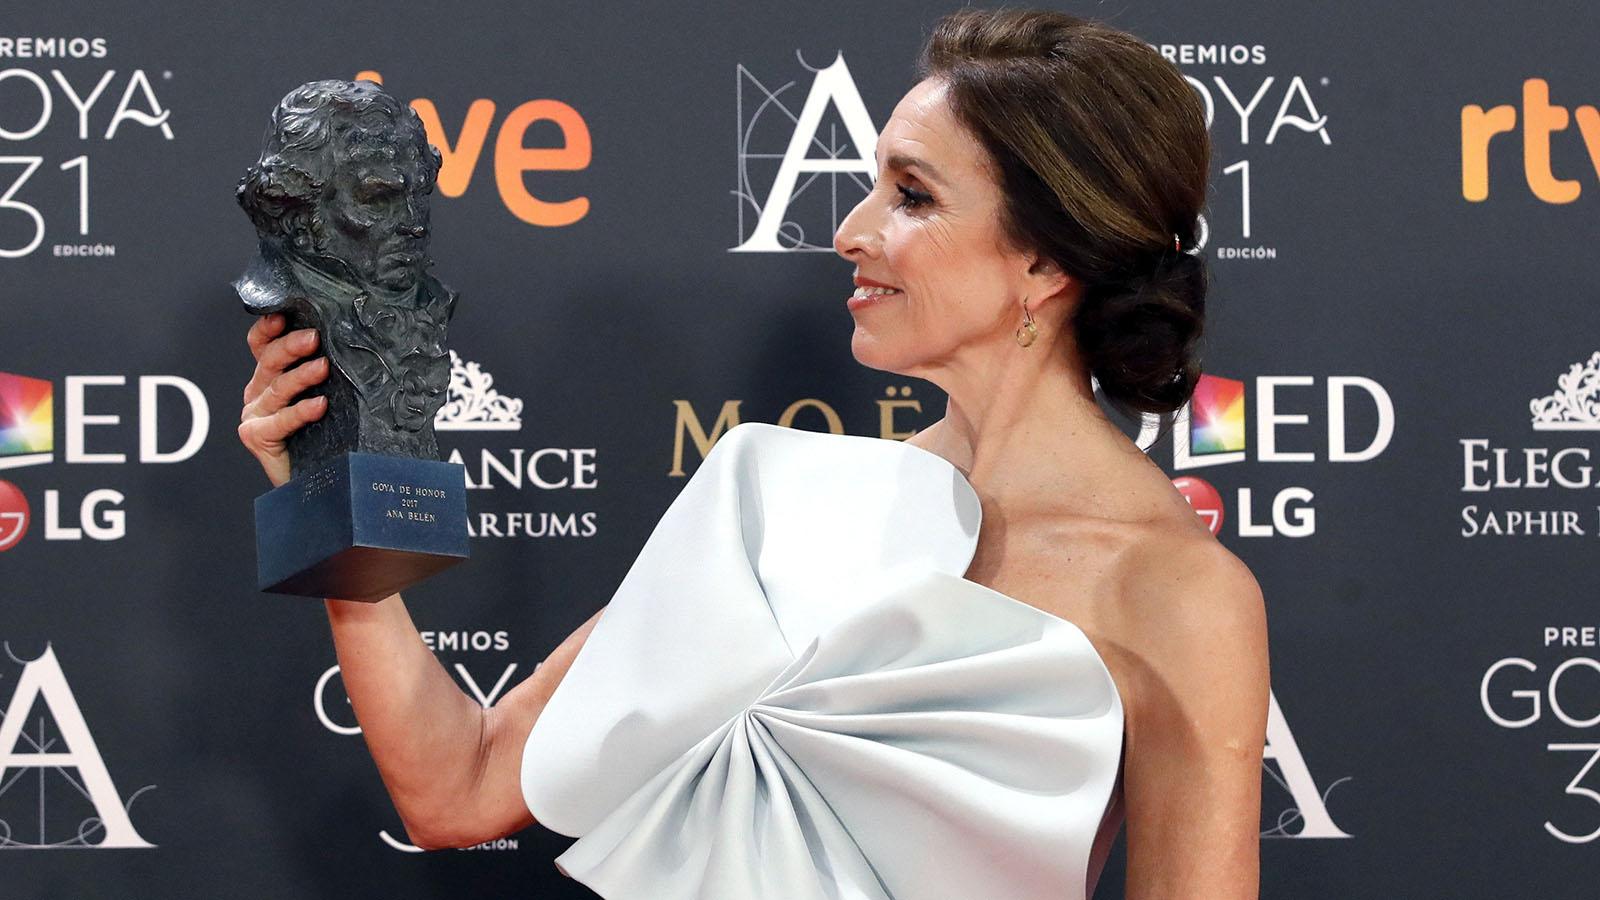 """La actriz, cantante y directora Ana Belén ha asegurado esta noche al recoger el Goya de Honor que ponerse en la piel de los otros en más de 50 películas le ha hecho """"comprender mejor a los demás"""" ."""